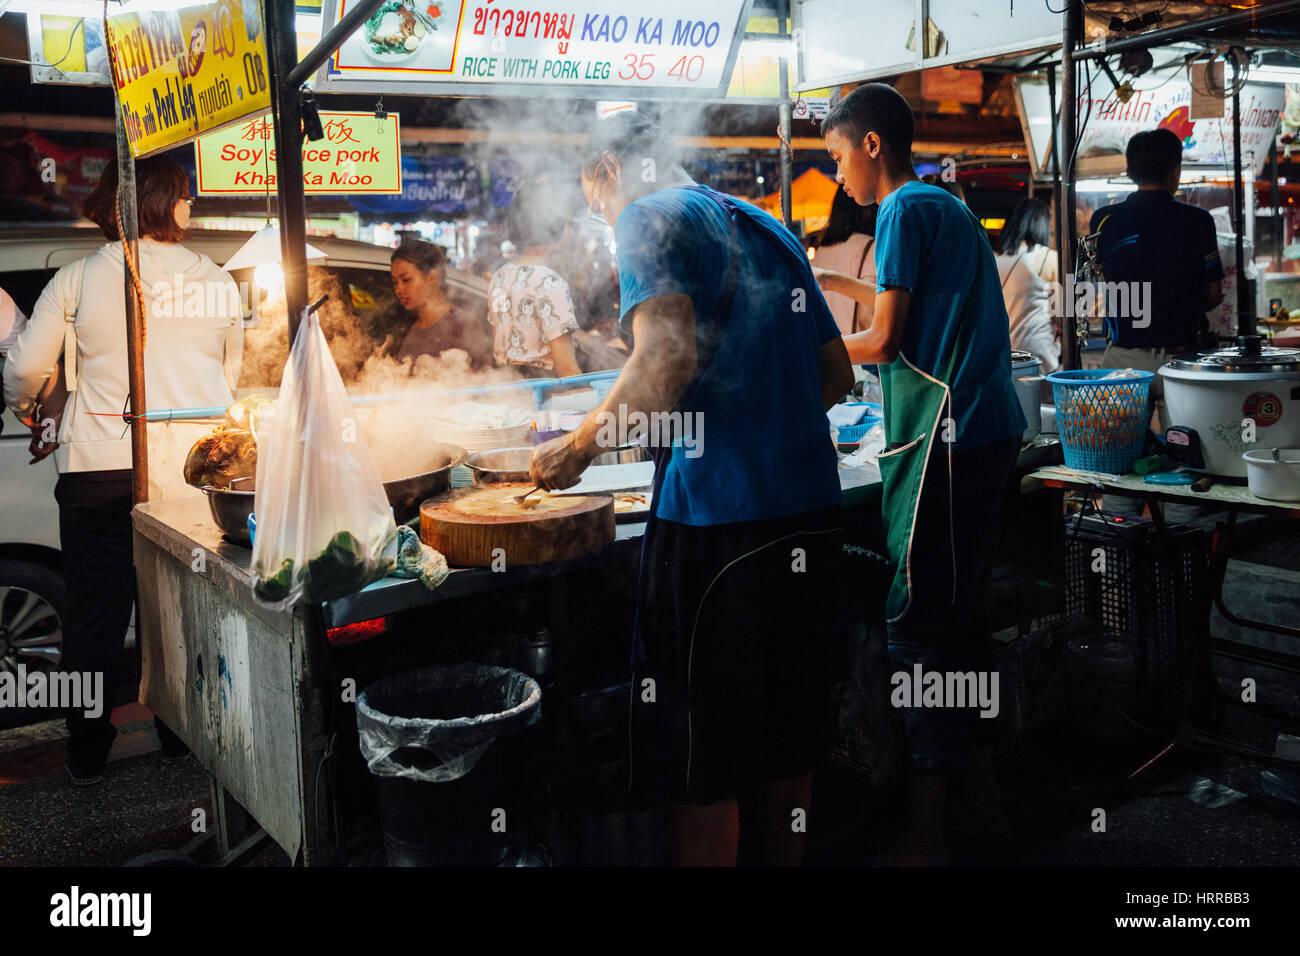 Chiang Mai, Thailandia - Agosto 27, 2016: Padre e sun la cottura di alimenti al sabato notte di mercato il 27 agosto Immagini Stock